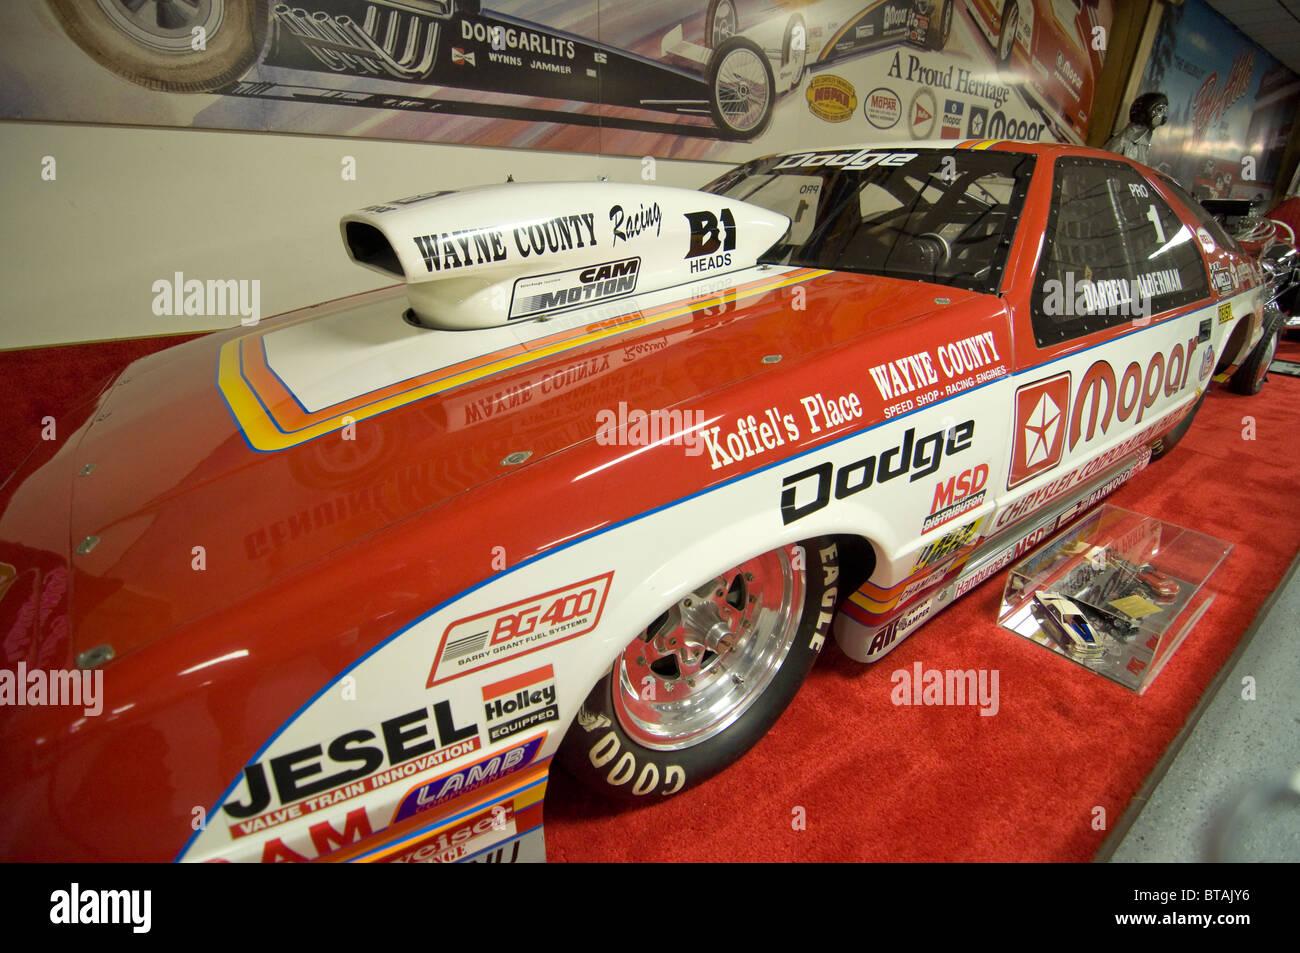 Don Garlits Museum Of Drag Racing Ocala Florida Dodge Daytona Btajy on 1991 Dodge Daytona